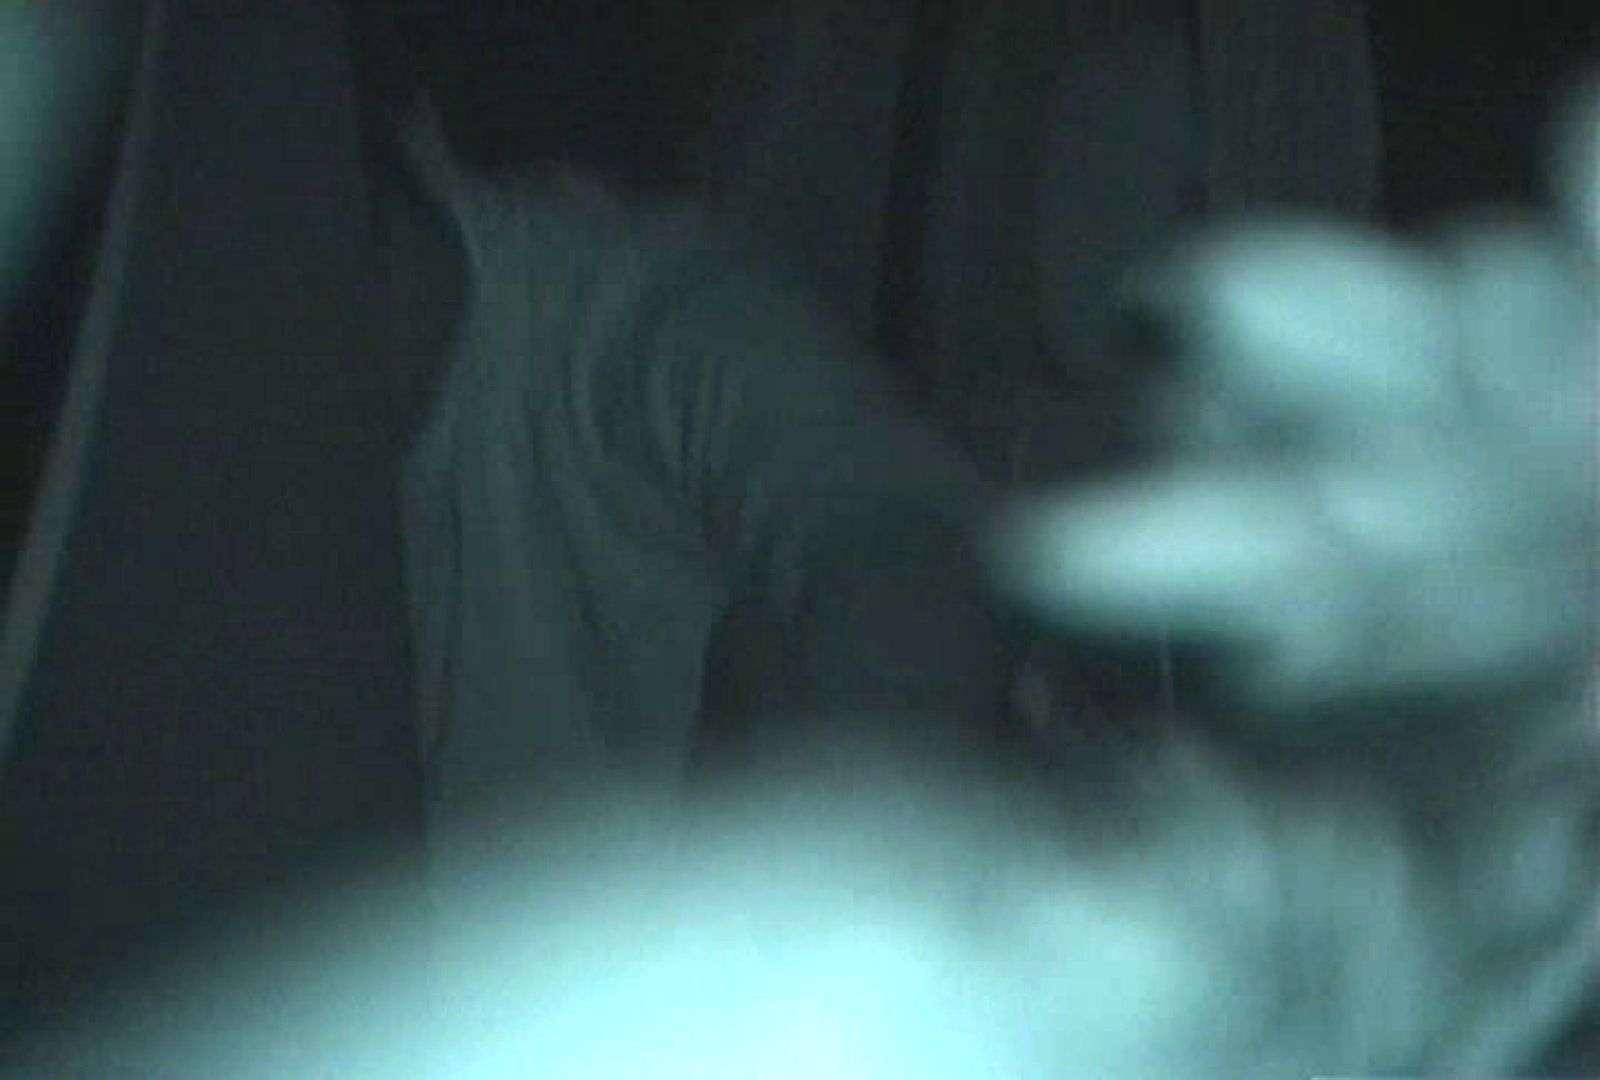 充血監督の深夜の運動会Vol.45 カップル盗撮 オマンコ動画キャプチャ 101画像 60